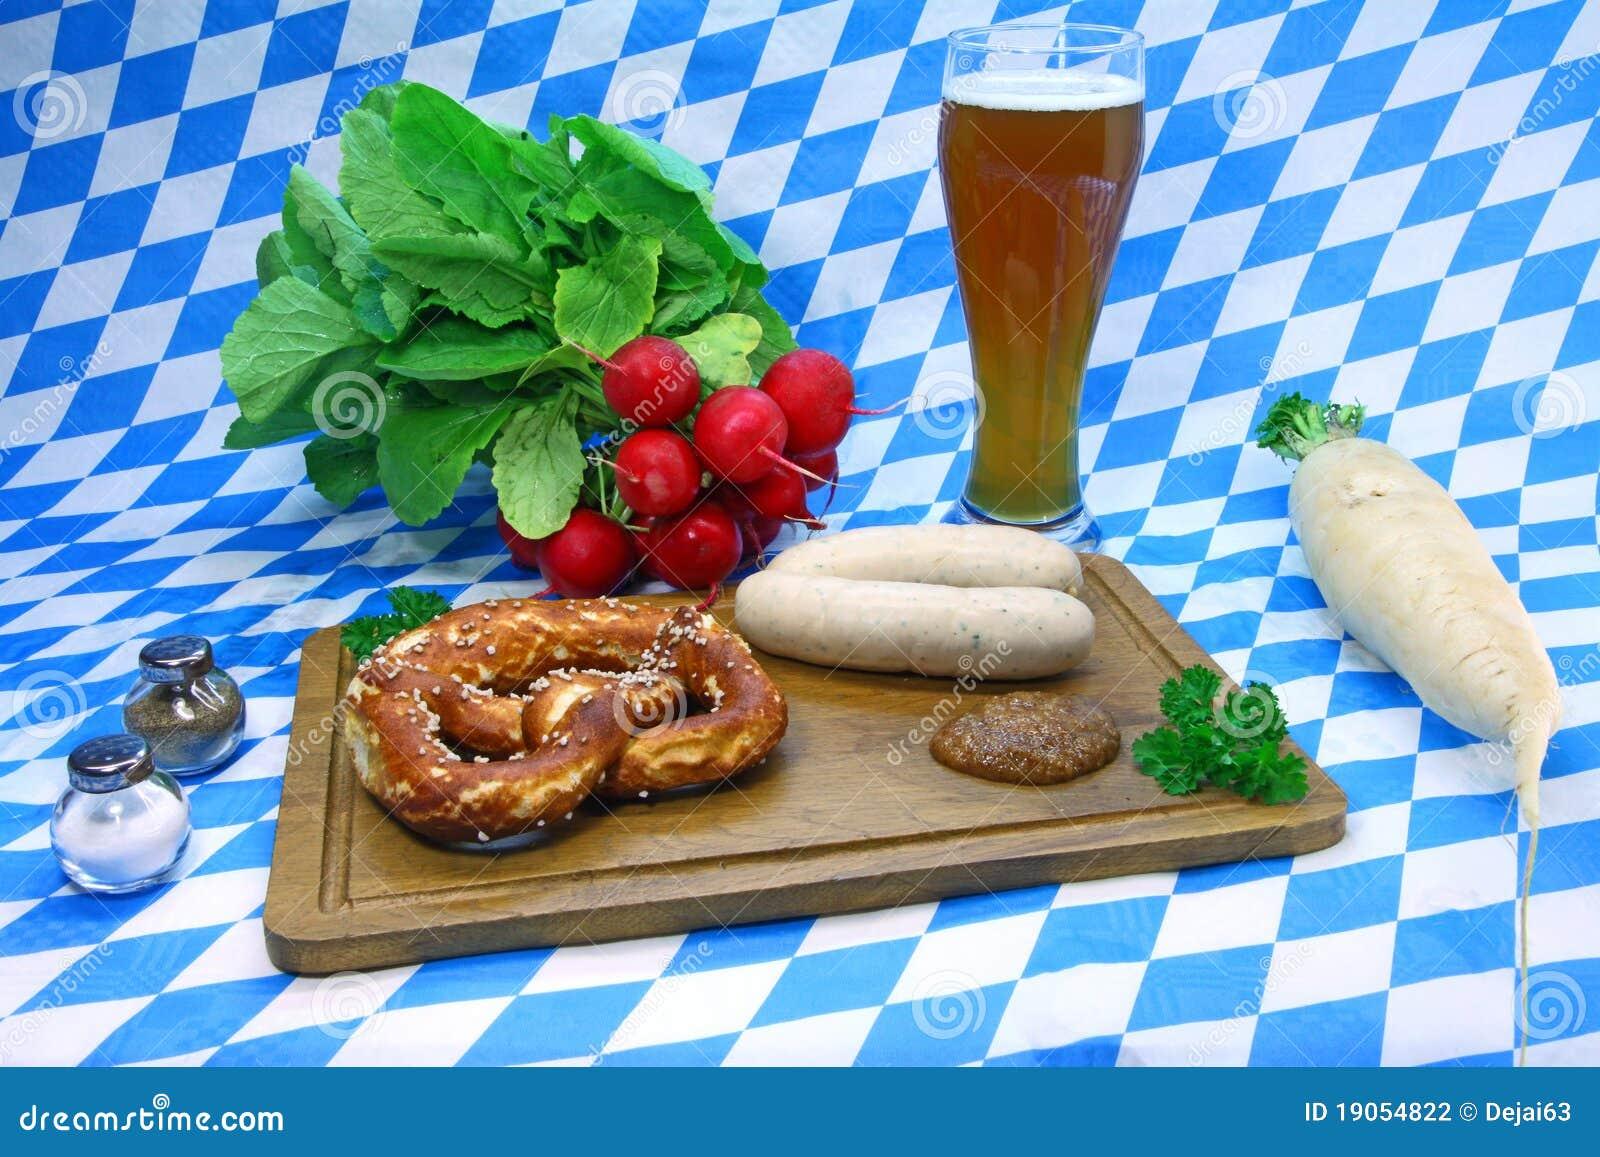 Pretzel and weisswurst